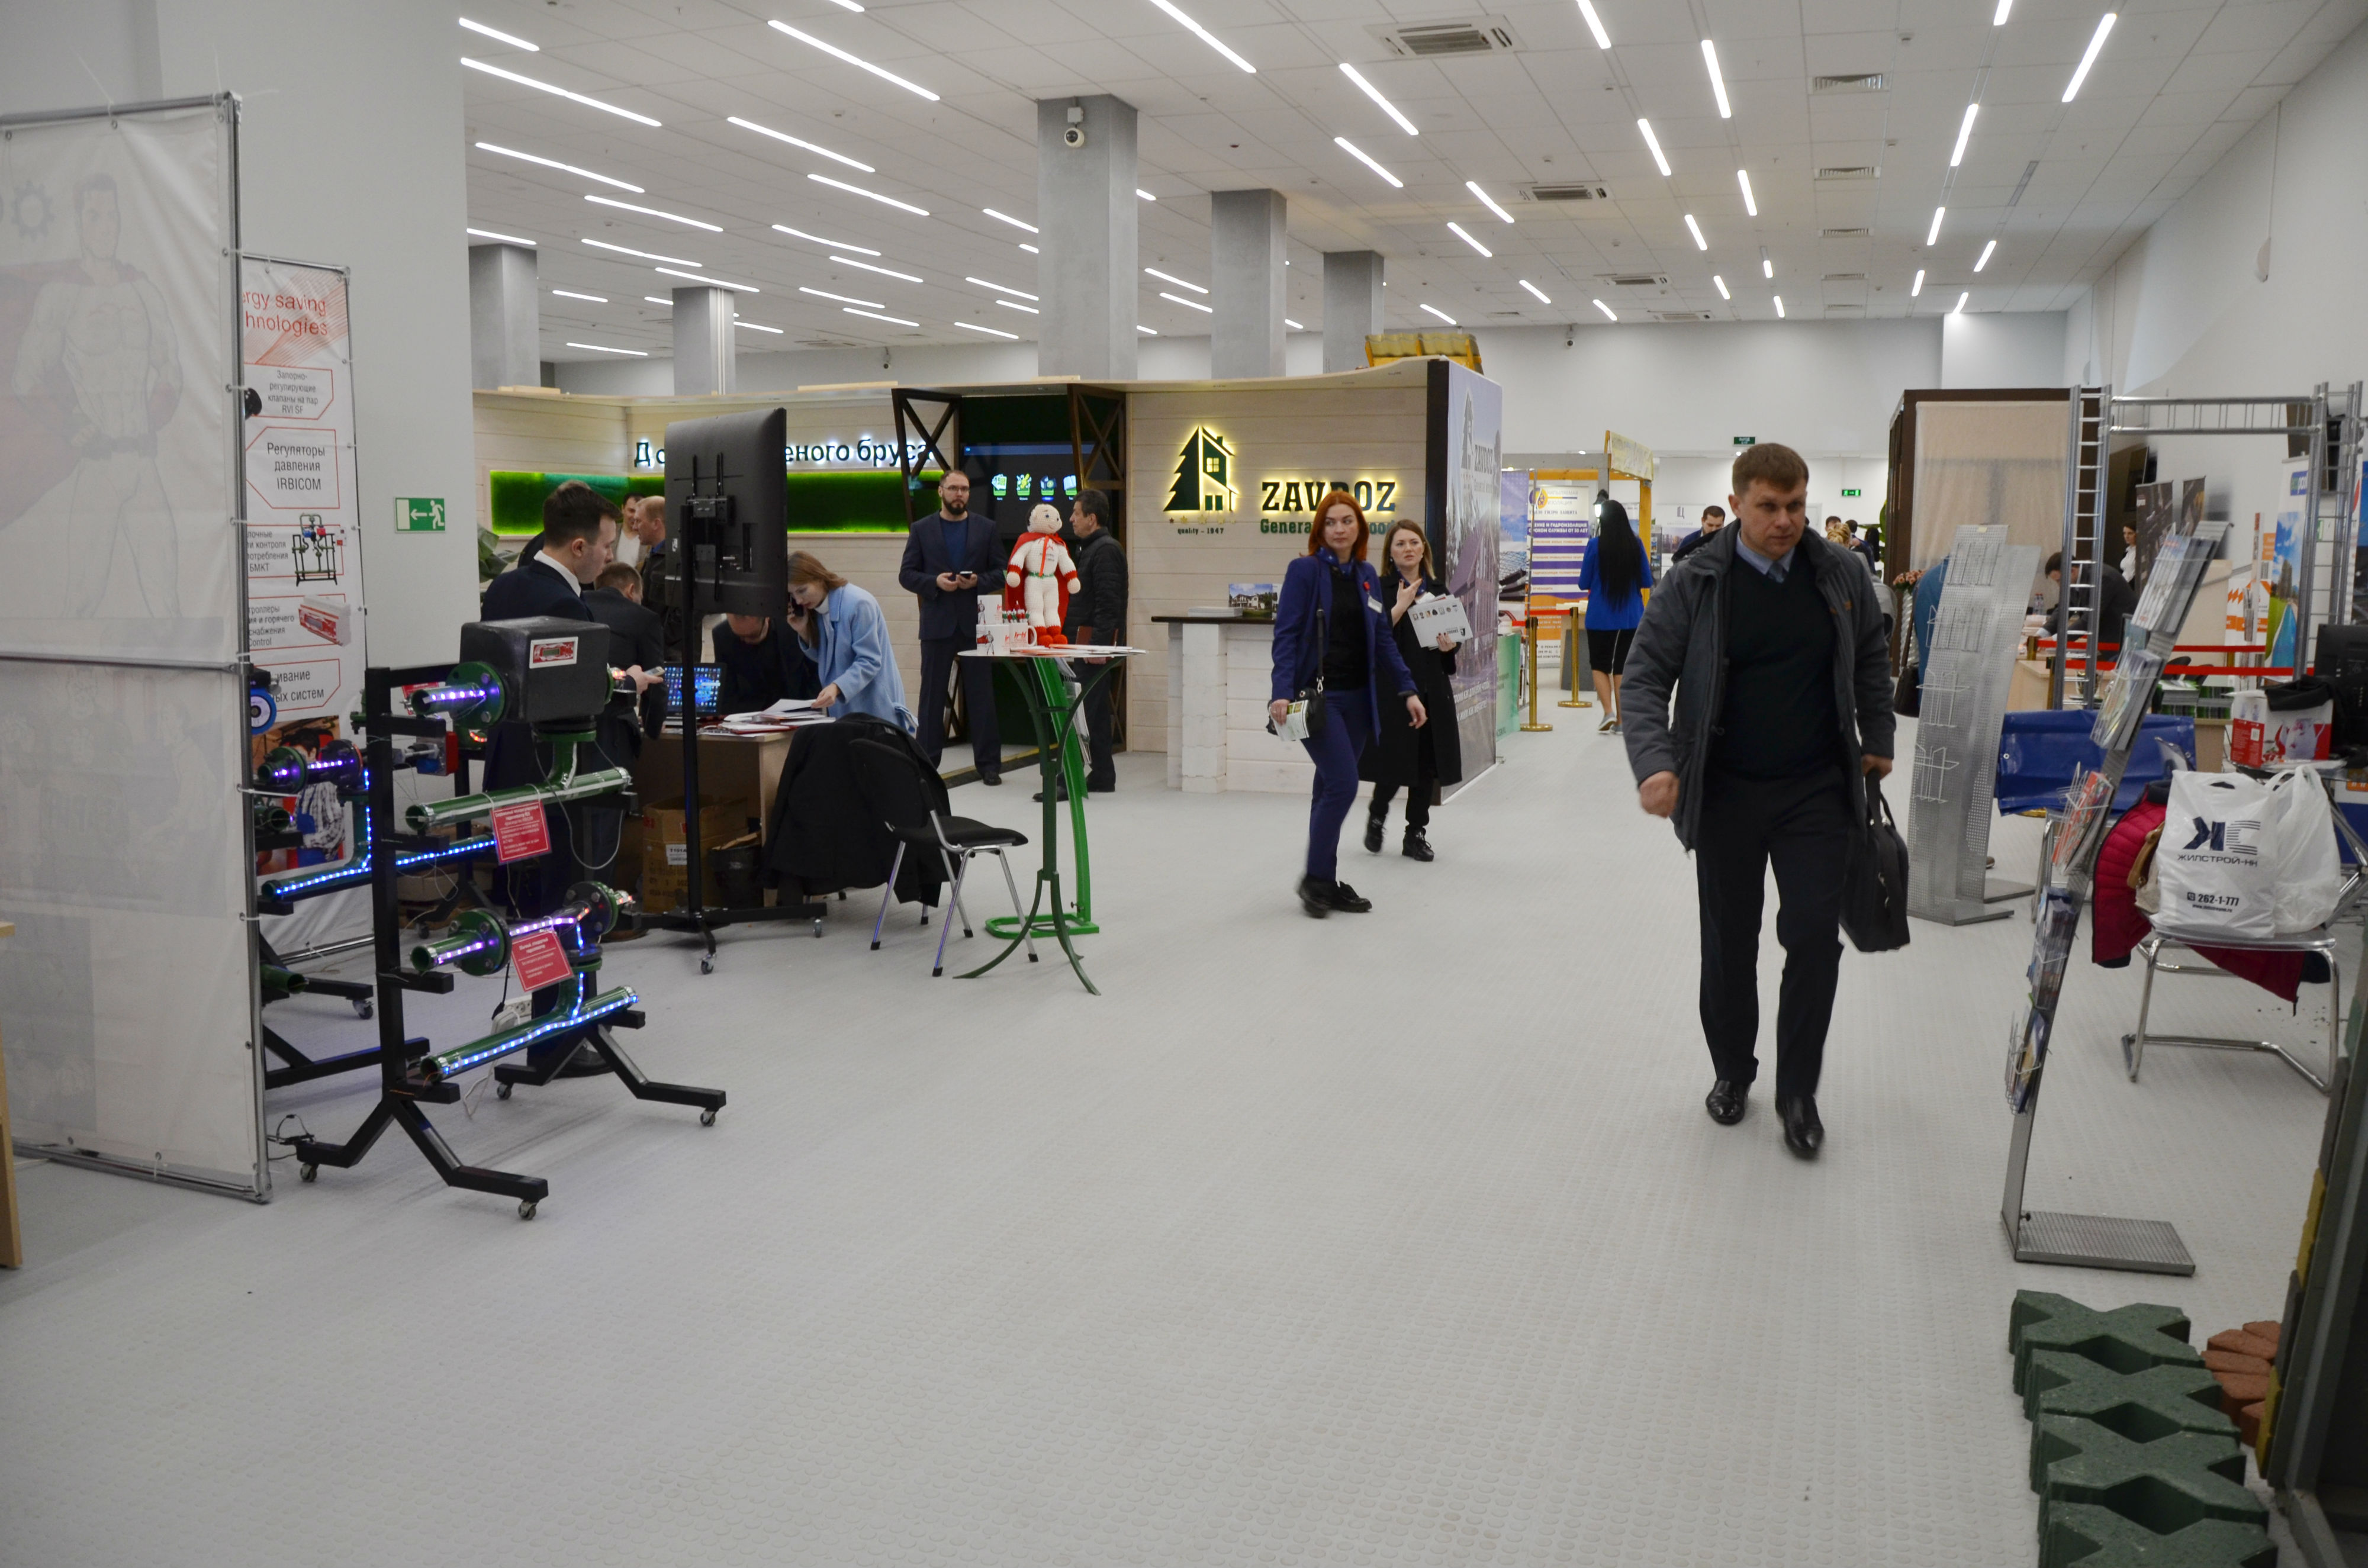 Региональный инвестиционно-строительный форум «Домострой-2019» открылся в Нижнем Новгороде - фото 4